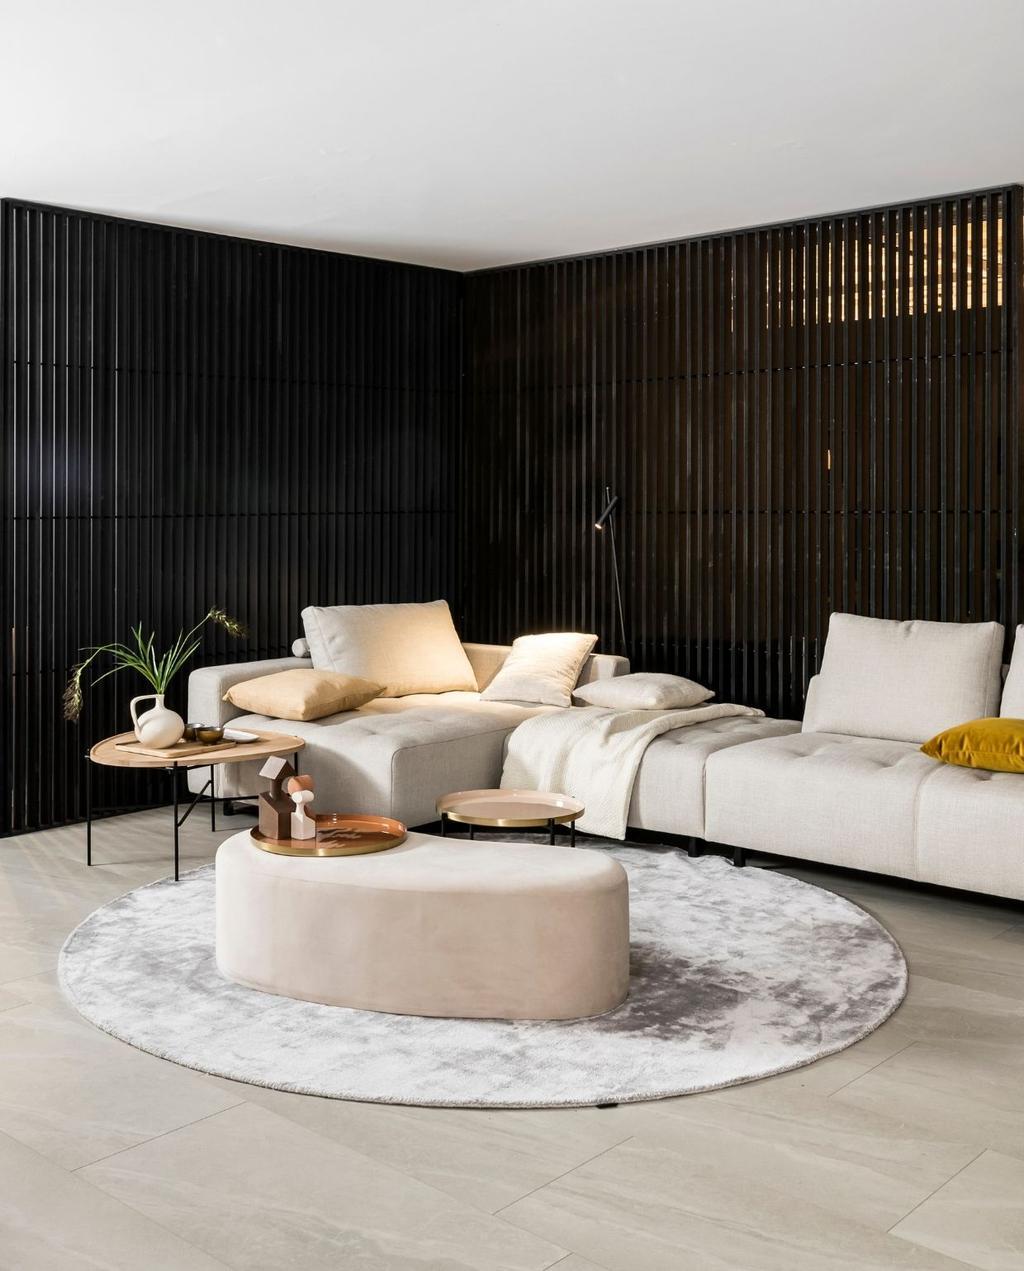 Salon in woonstijl Japandi | Inspiratiebox bij Meubelen Verberckmoes | Uit: Vraag het vtwonen, seizoen 1